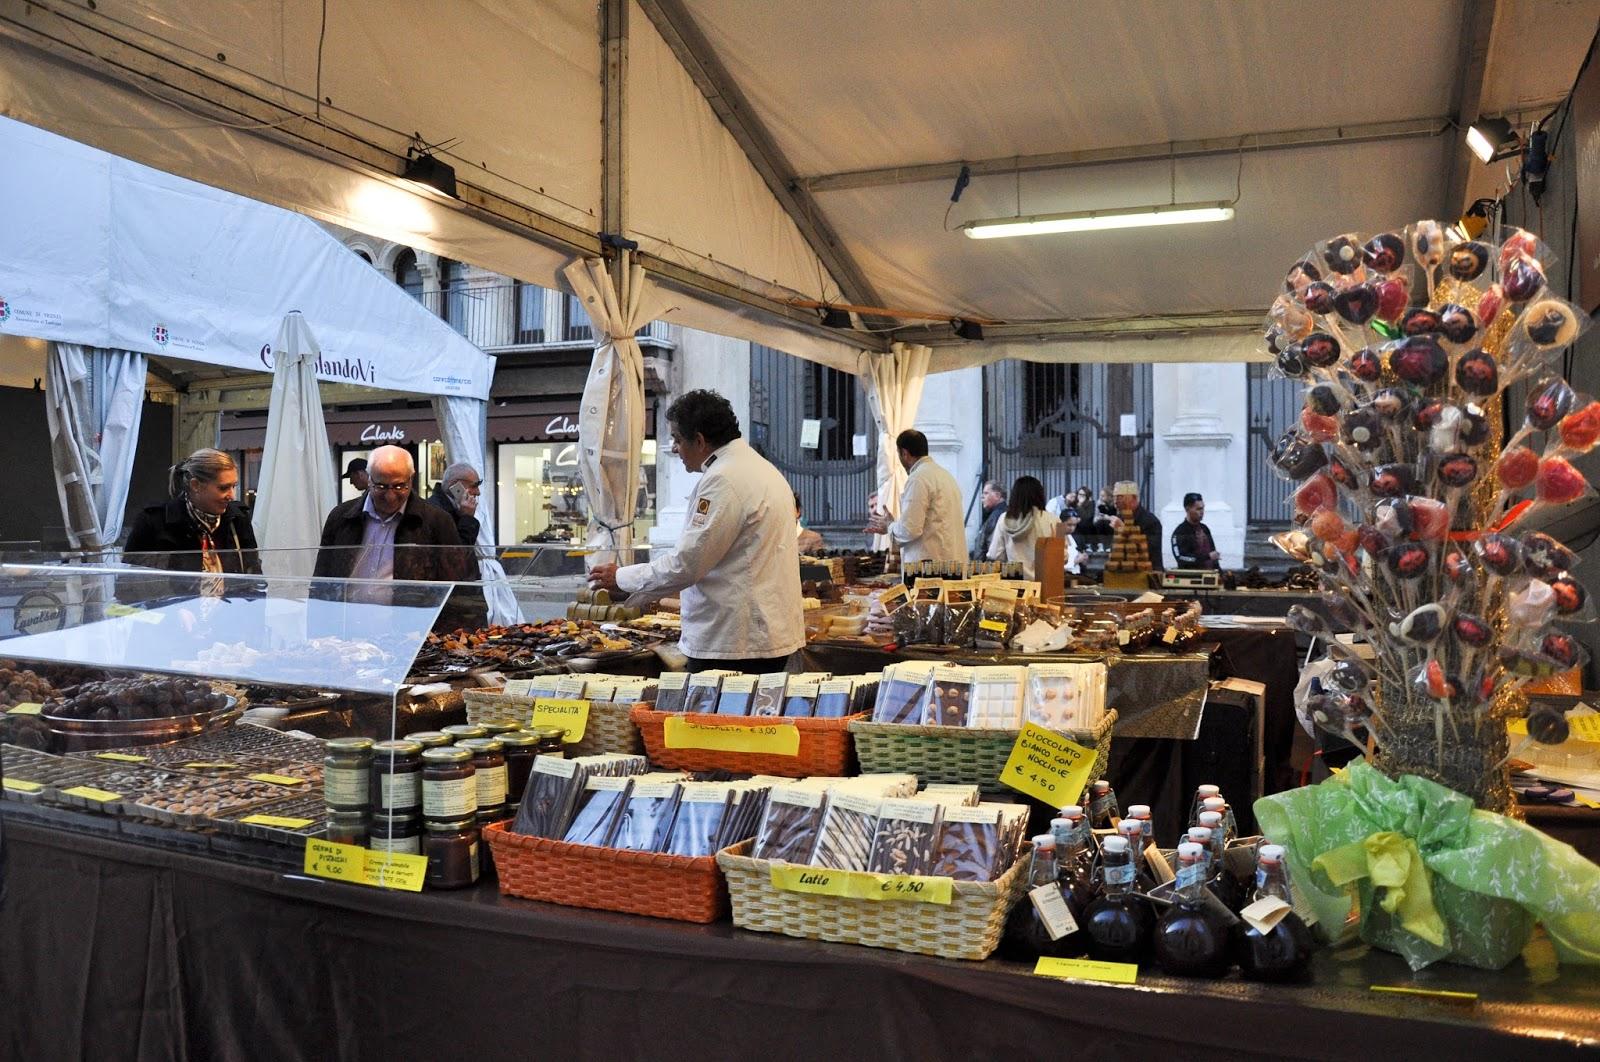 A chocolate stall, Chocolate Festival, Piazza dei Signori, Vicenza, Veneto, Italy